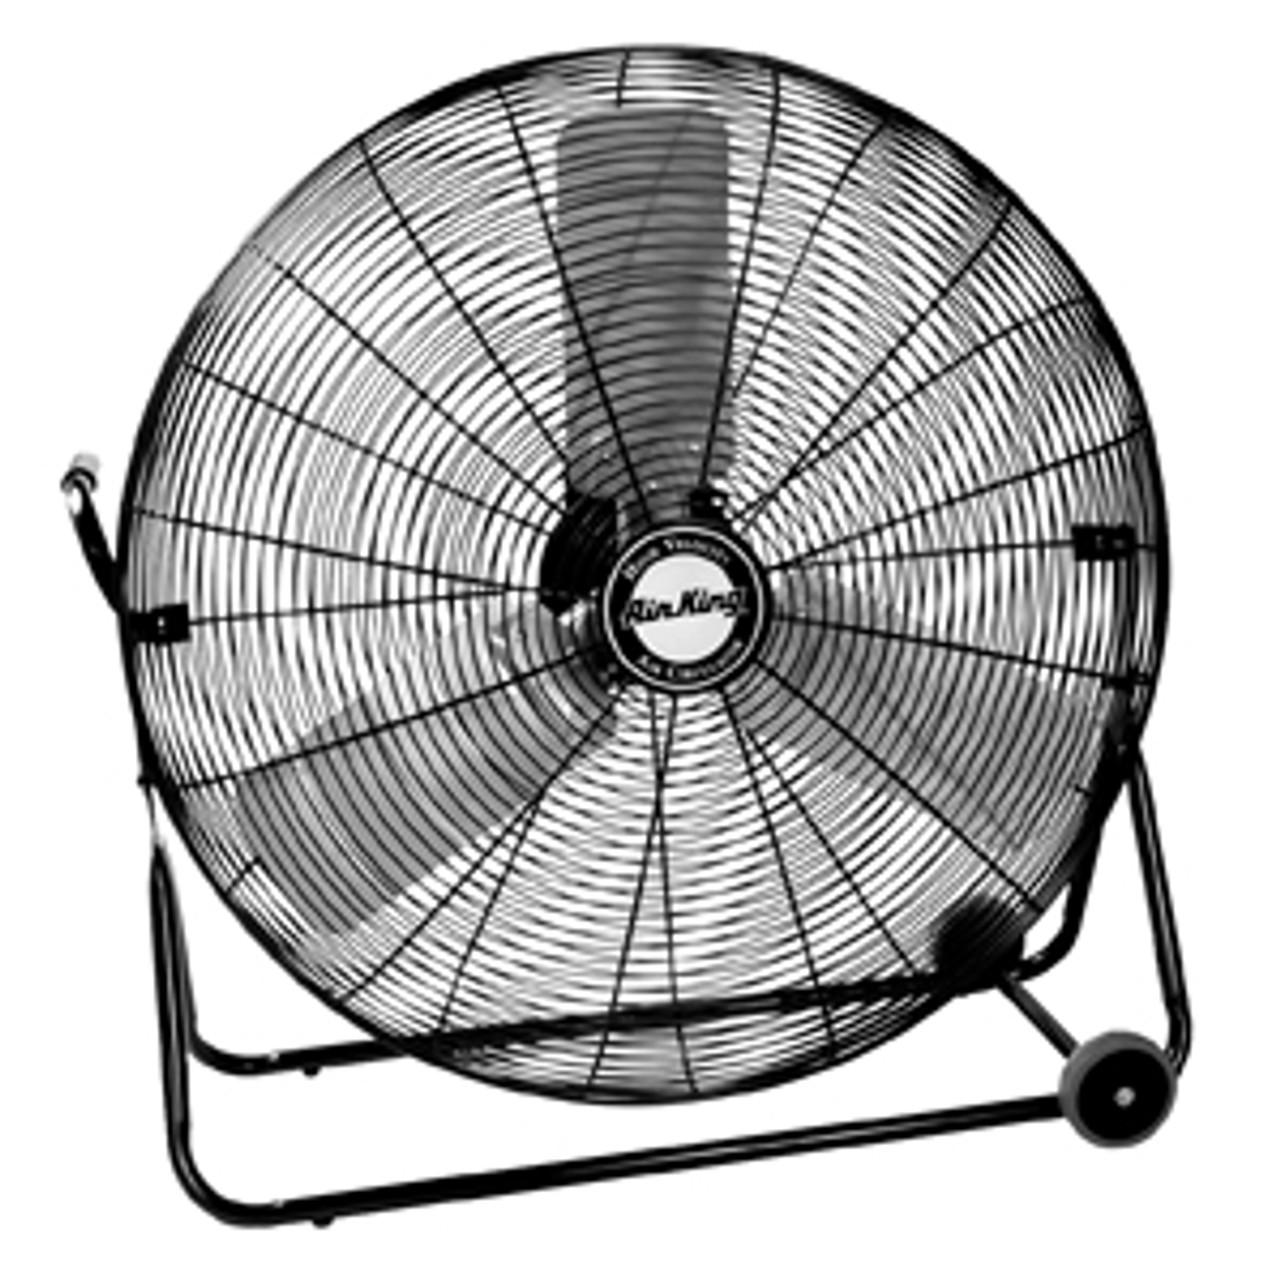 9230 30in 1/4 HP Industrial Grade Floor Fan